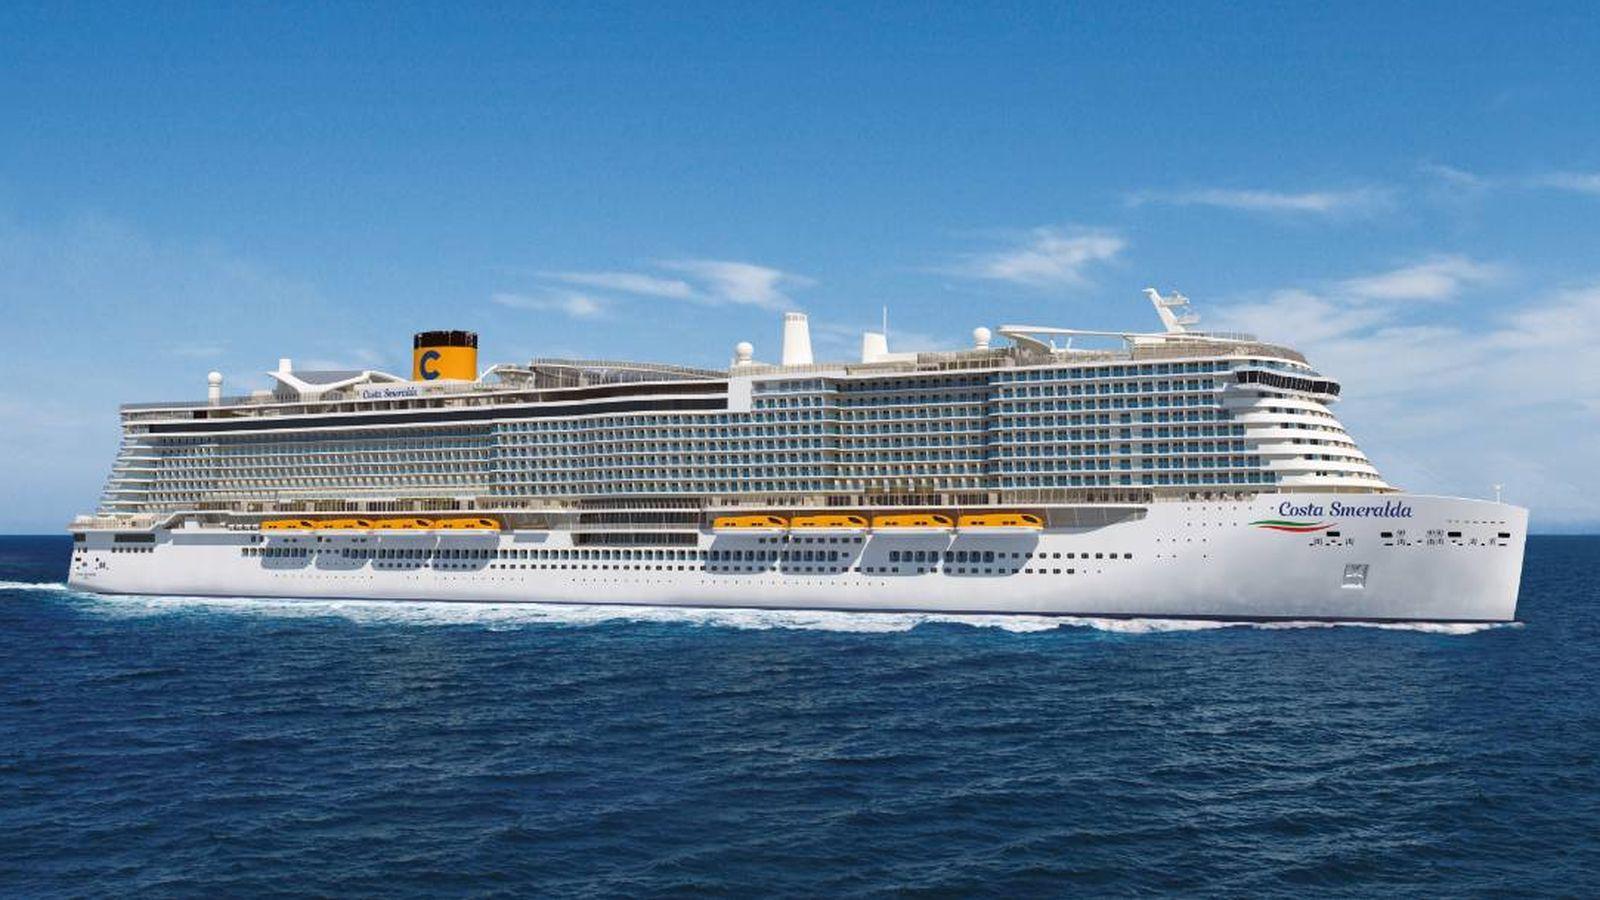 Foto: Costa Crociere tiene una flota de 28 barcos entre tres marcas: Costa Cruceros, AIDA y Costa Asia